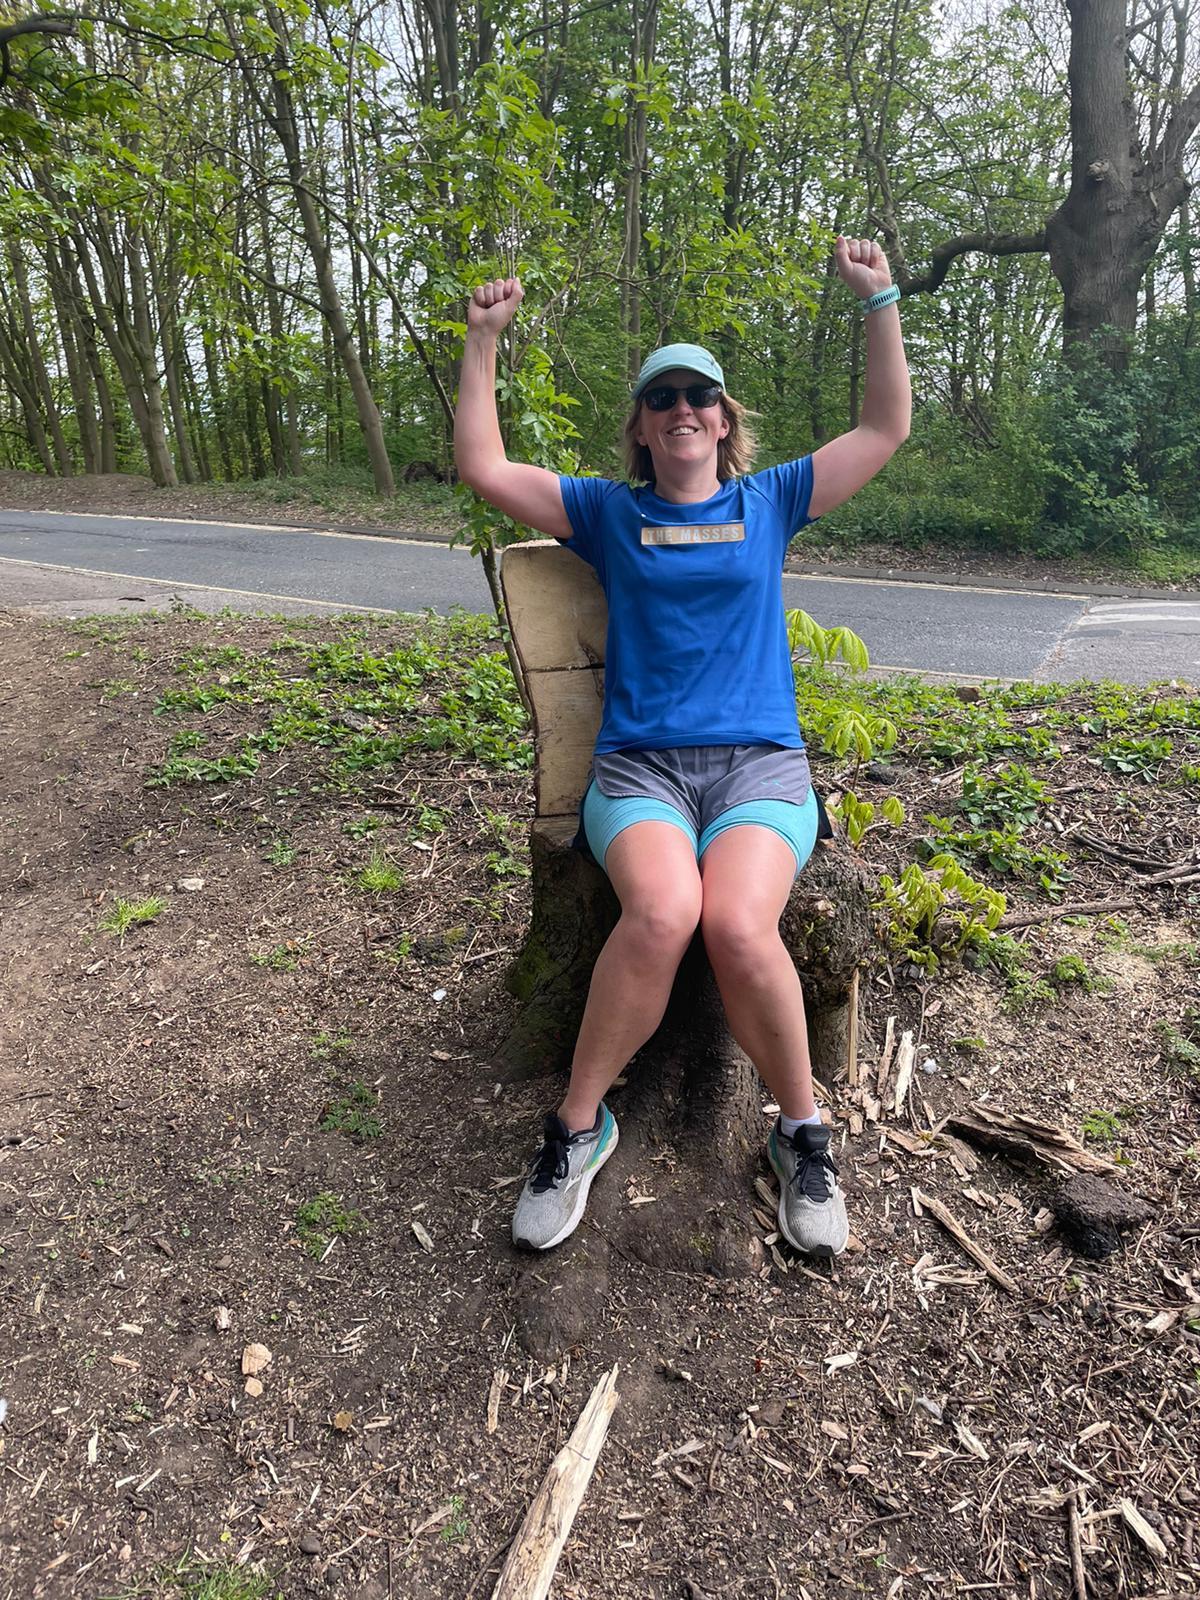 Nikki celebrates after her marathon